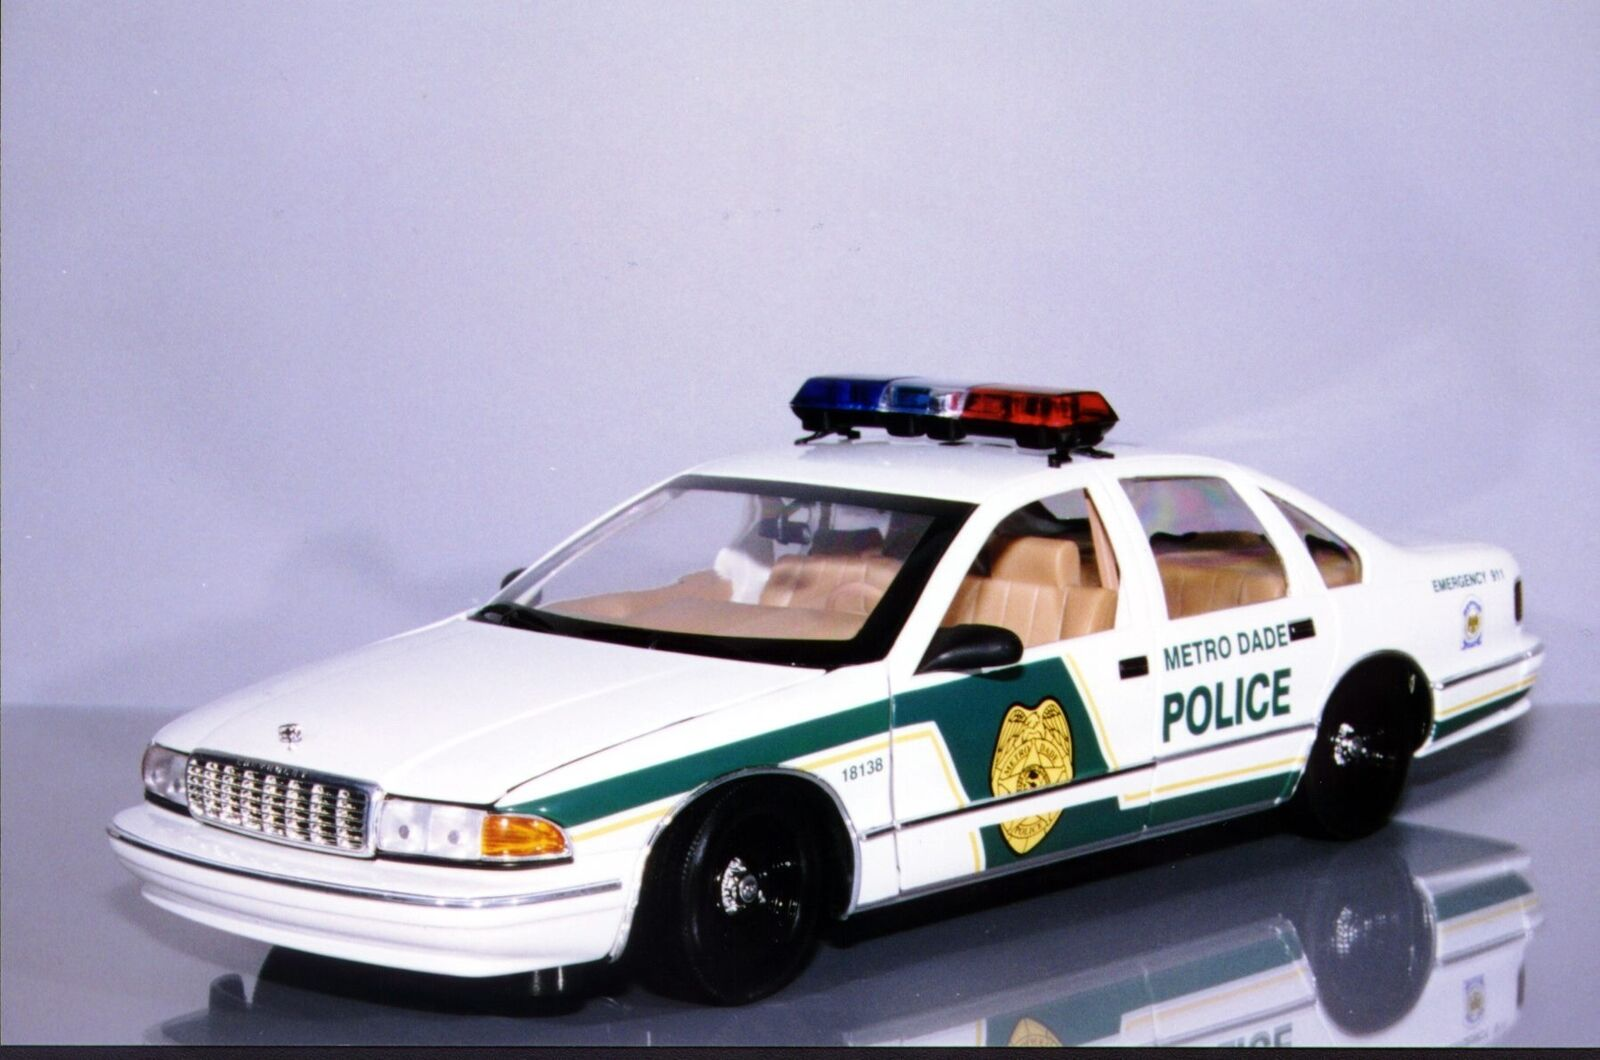 Drei modelle chevrolet caprice metro 1,18 dade polizei